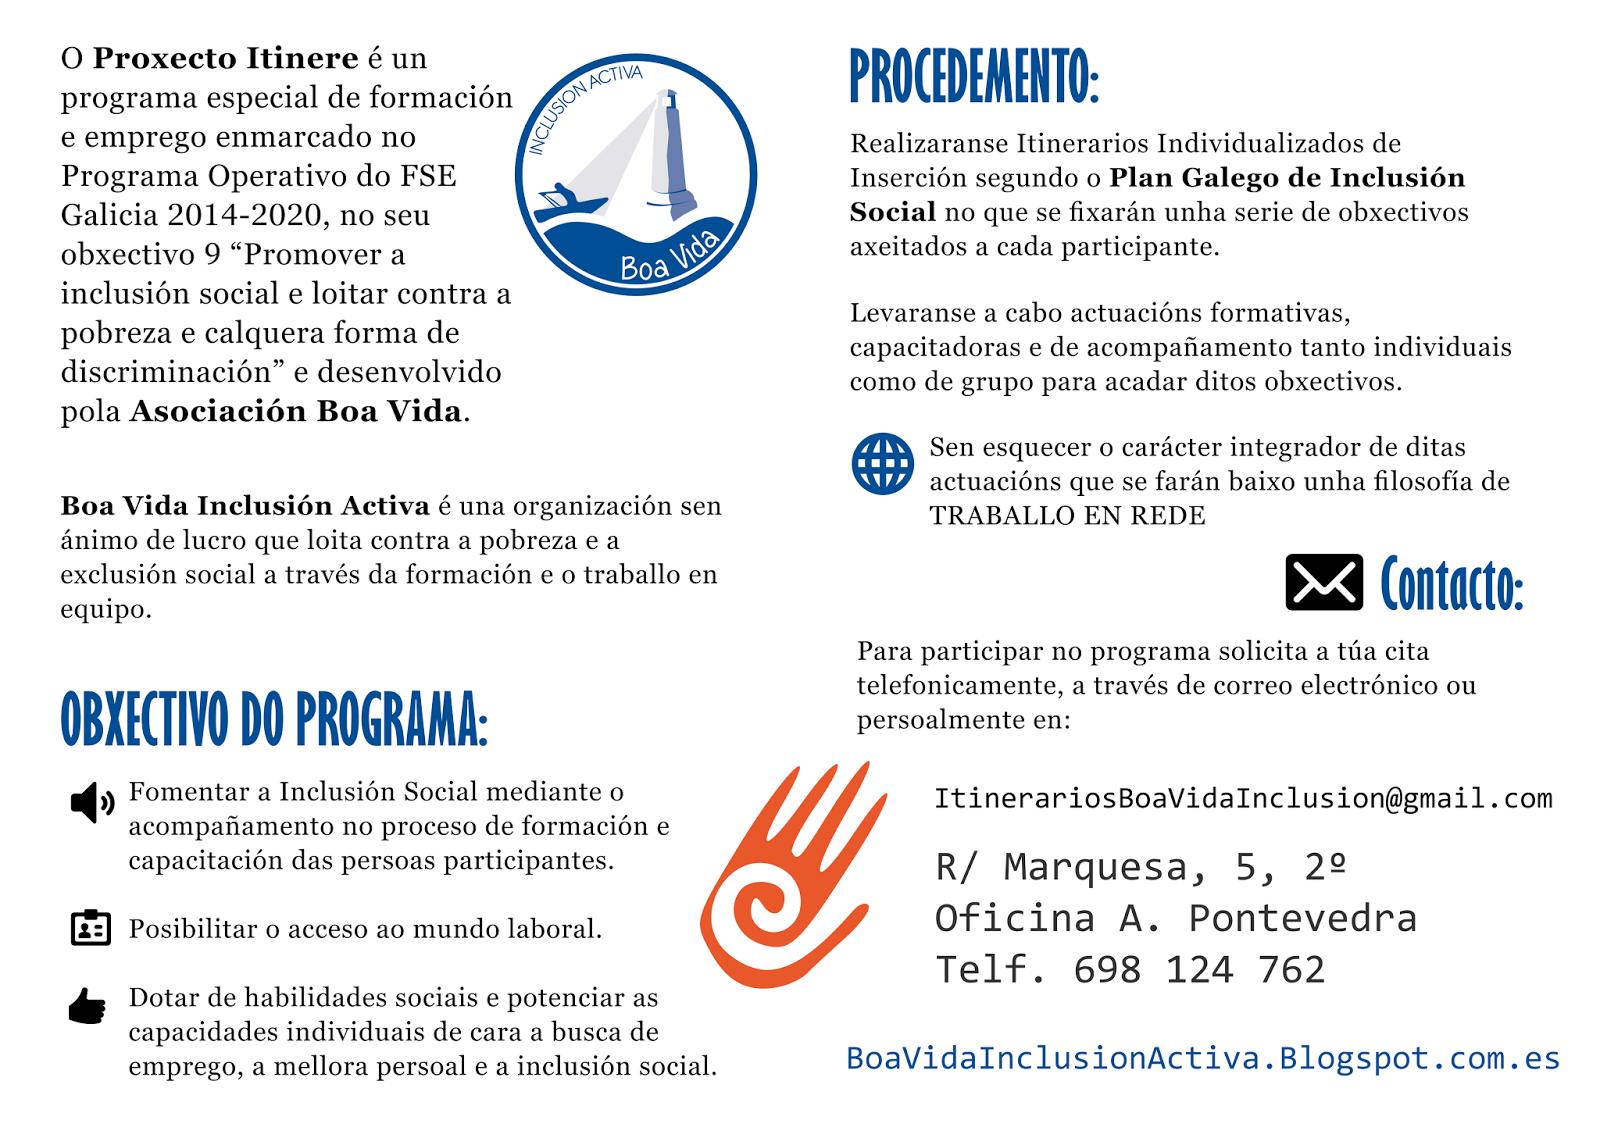 Asociaci n boa vida inclusi n activa for Oficina de emprego galicia